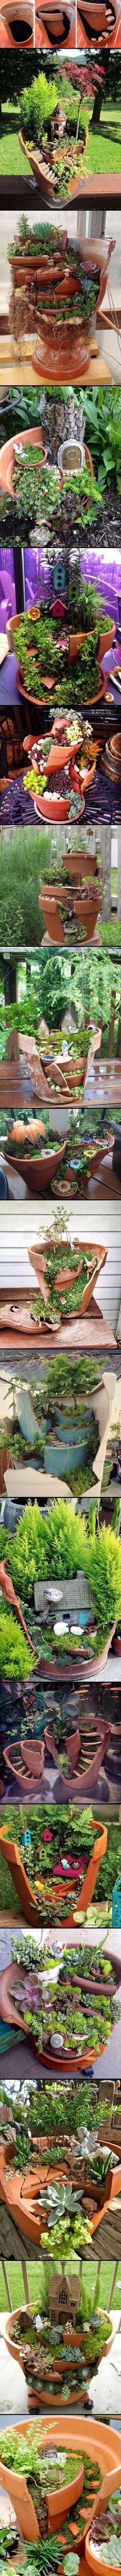 Schöne Gartendeko aus zerbrochenen Blumentöpfen